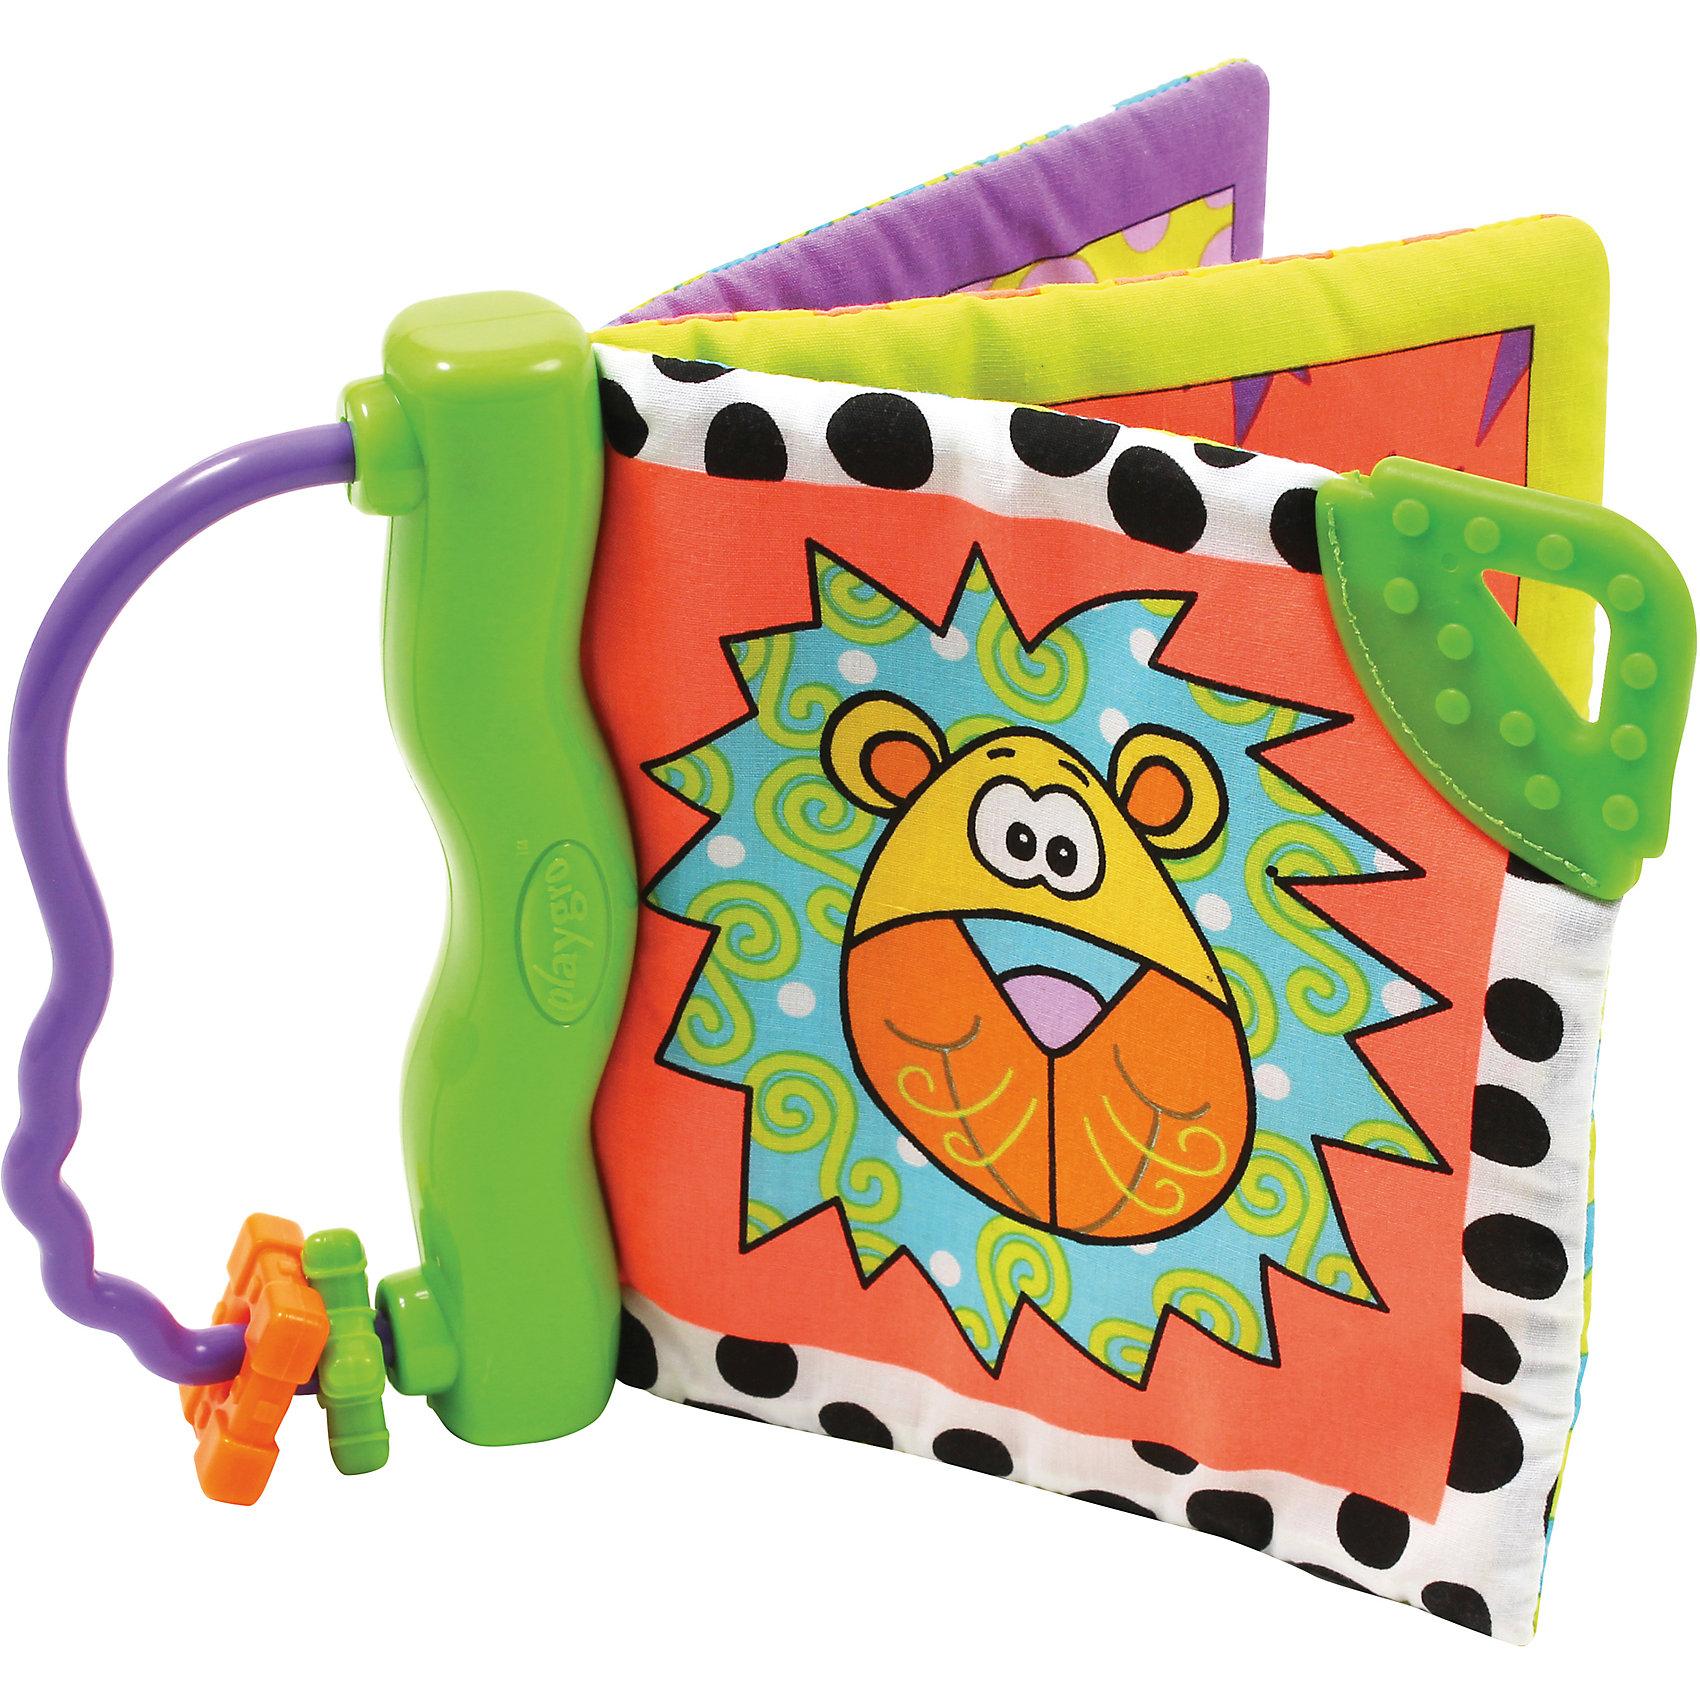 Книжка-прорезыватель Зоопарк PlaygroИгрушки для малышей<br>Книжка-прорезыватель Зоопарк Playgro (Плейгро) - первая книжка Вашего малыша! <br><br>С веселыми картинками книжки-прорезывателя Ваша кроха не только будет играть долгое время, но и сможет пожевать иголок - удобный рельефный прорезыватель поможет успокоить режущиеся зубки и воспаленные десна, пока забавная игрушка отвлекает малыша. К пластиковому основанию прикреплены страницы из хлопчатобумажной ткани с фактурными нашивками и шуршащим эффектом. <br><br>Книжку-прорезыватель Зоопарк Playgro можно купить в нашем интернет-магазине.<br><br>Дополнительная информация:<br>- Размер упаковки: 14,5 х 2 х 14,5 см.<br><br>Ширина мм: 145<br>Глубина мм: 20<br>Высота мм: 145<br>Вес г: 50<br>Возраст от месяцев: 6<br>Возраст до месяцев: 24<br>Пол: Унисекс<br>Возраст: Детский<br>SKU: 2382855